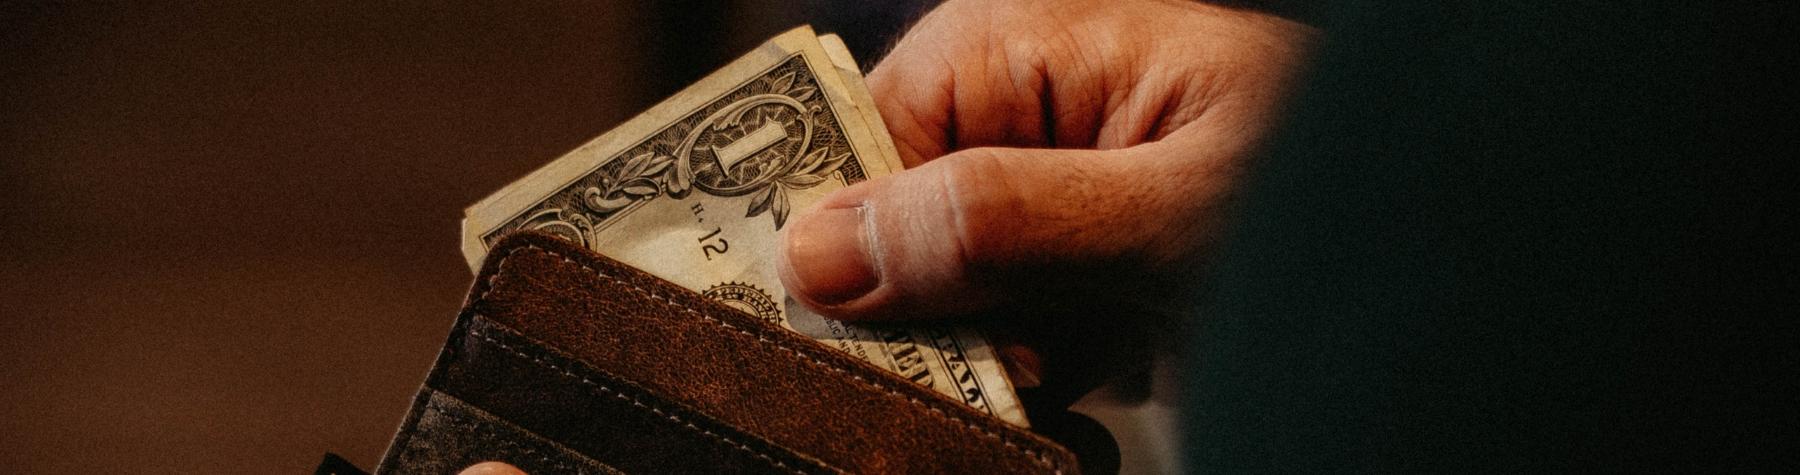 Jak správně zaplatit finančnímu úřadu daň ?